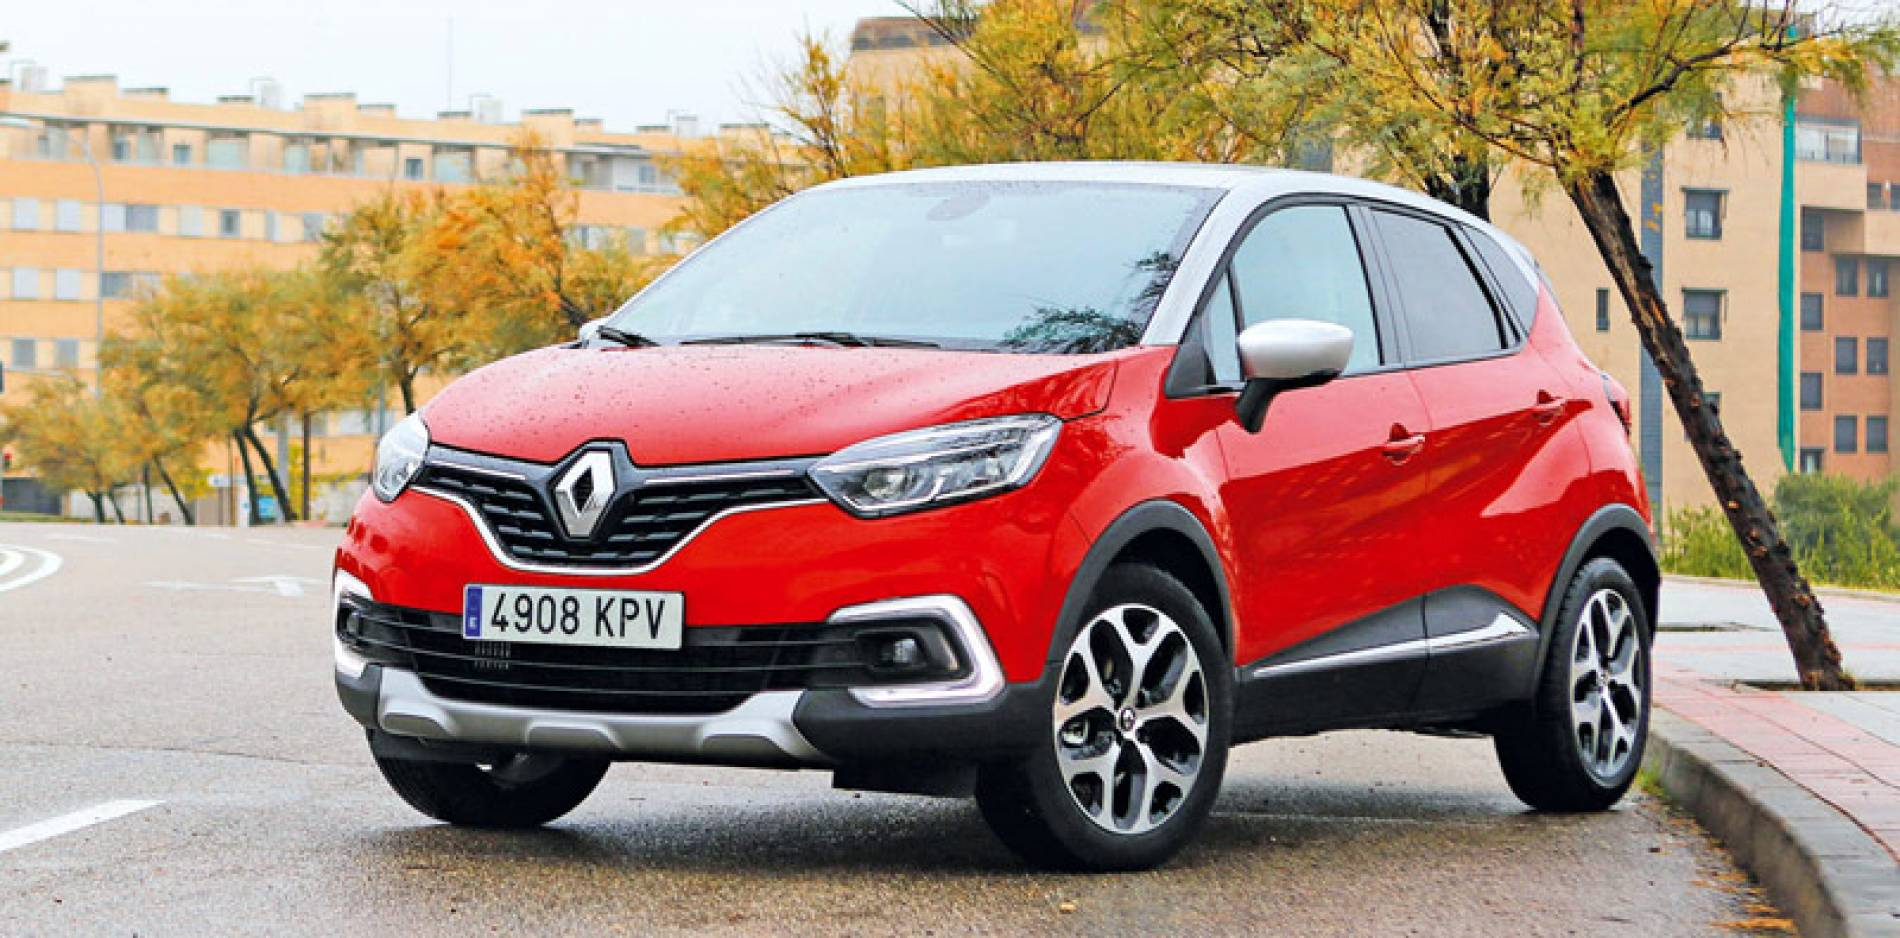 Prueba del Renault Captur,el equilibrio como virtud